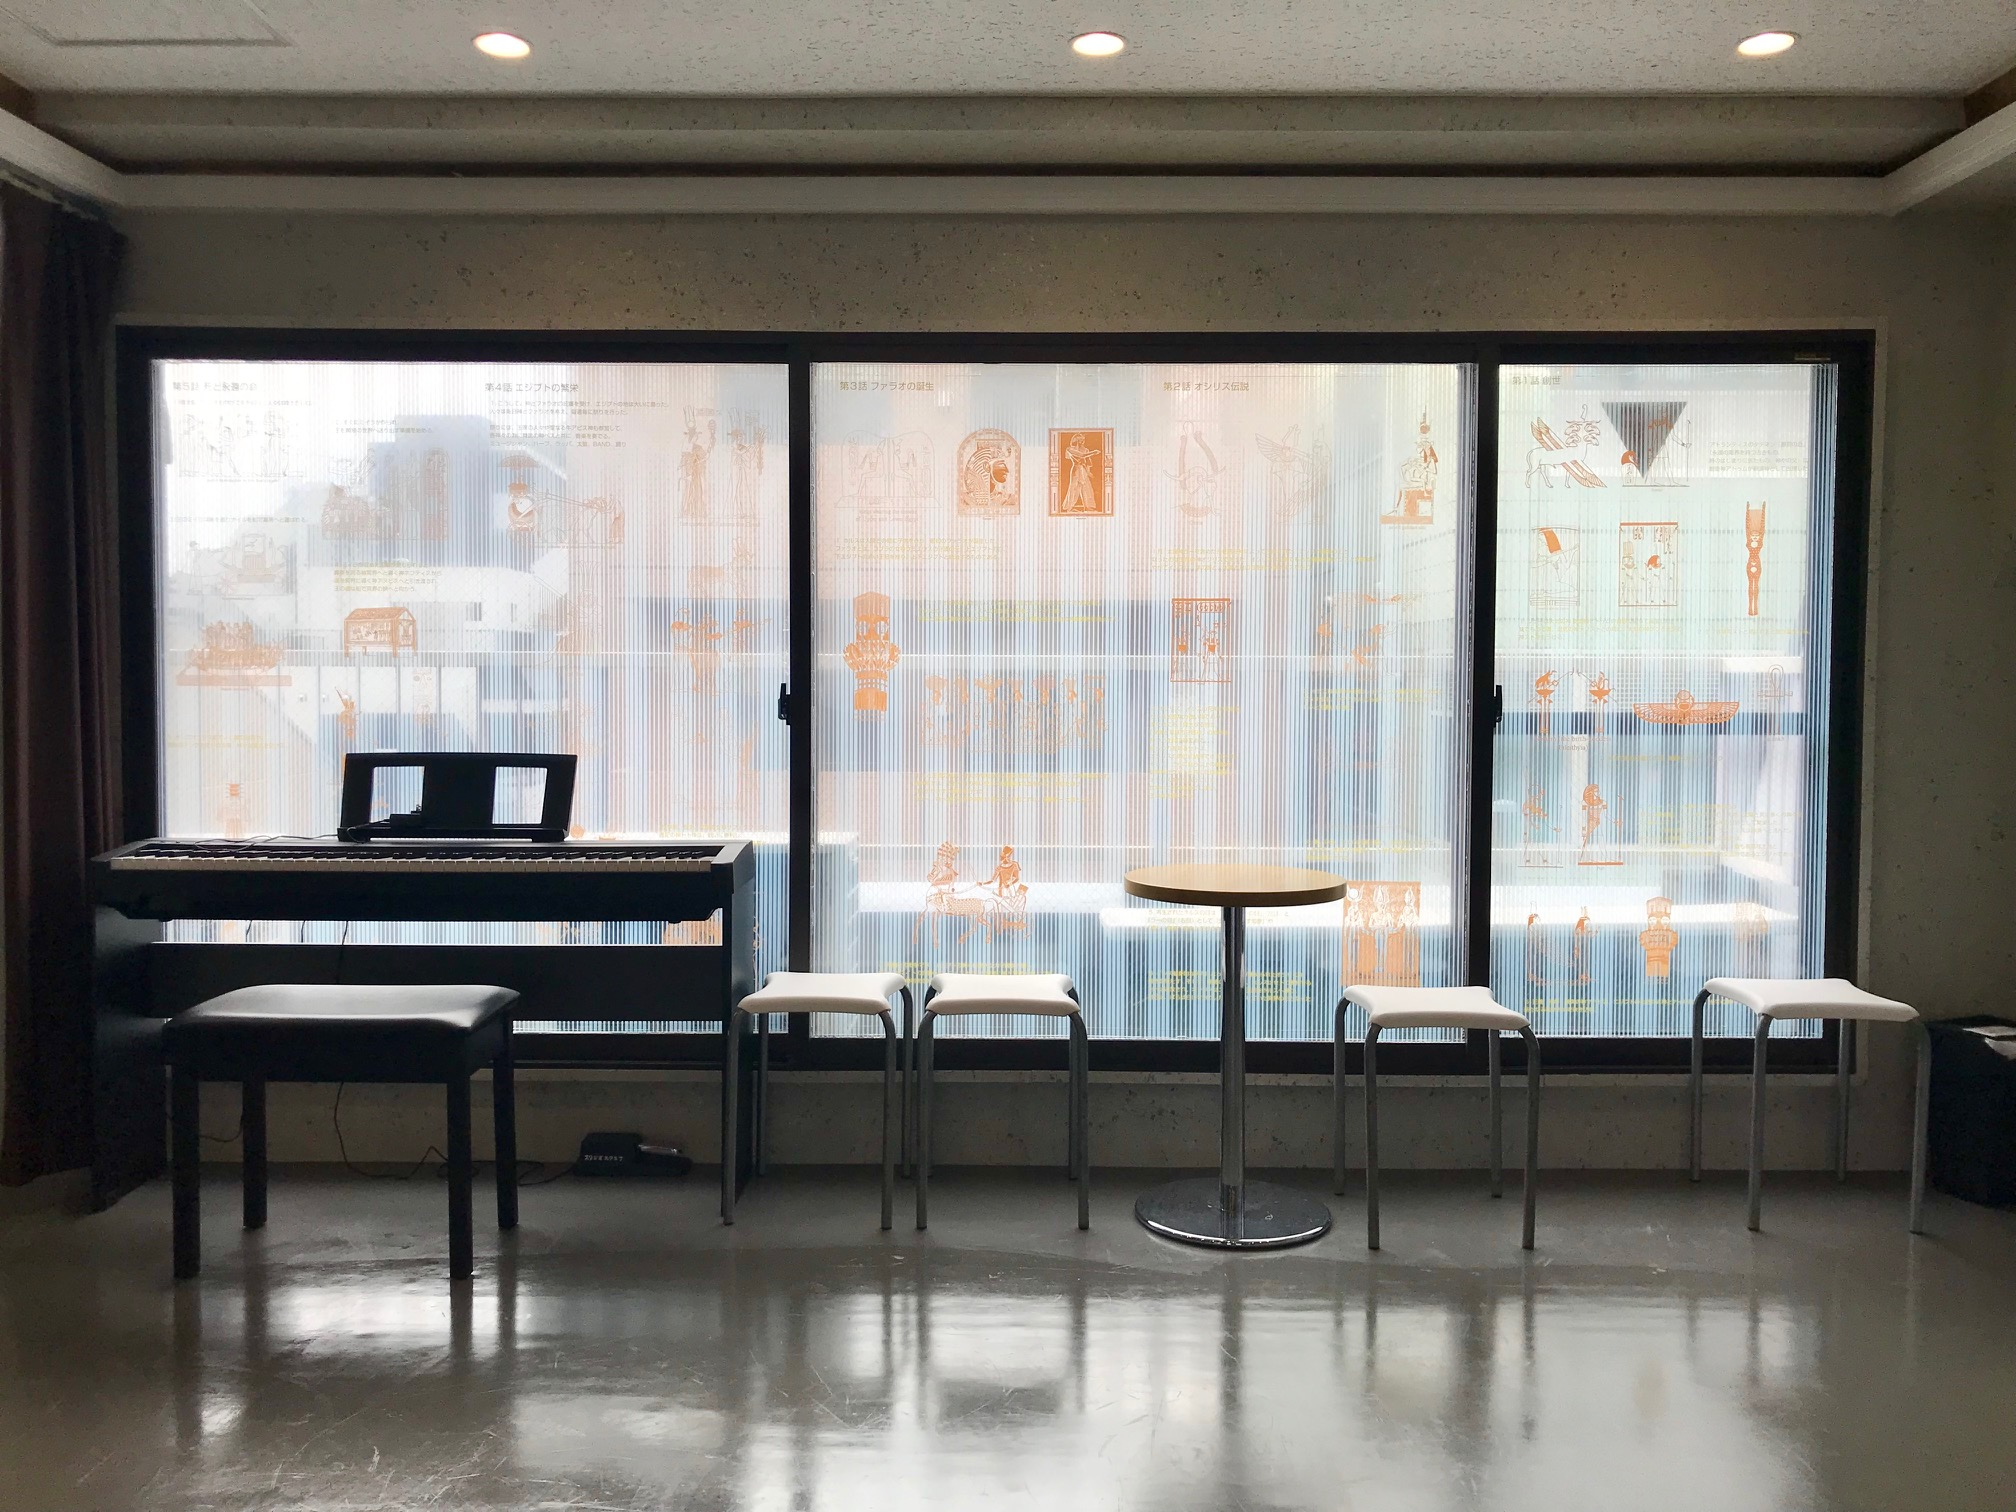 錦糸町 レンタルスタジオ は長く 教室 を運営できる 料金設定のイメージ